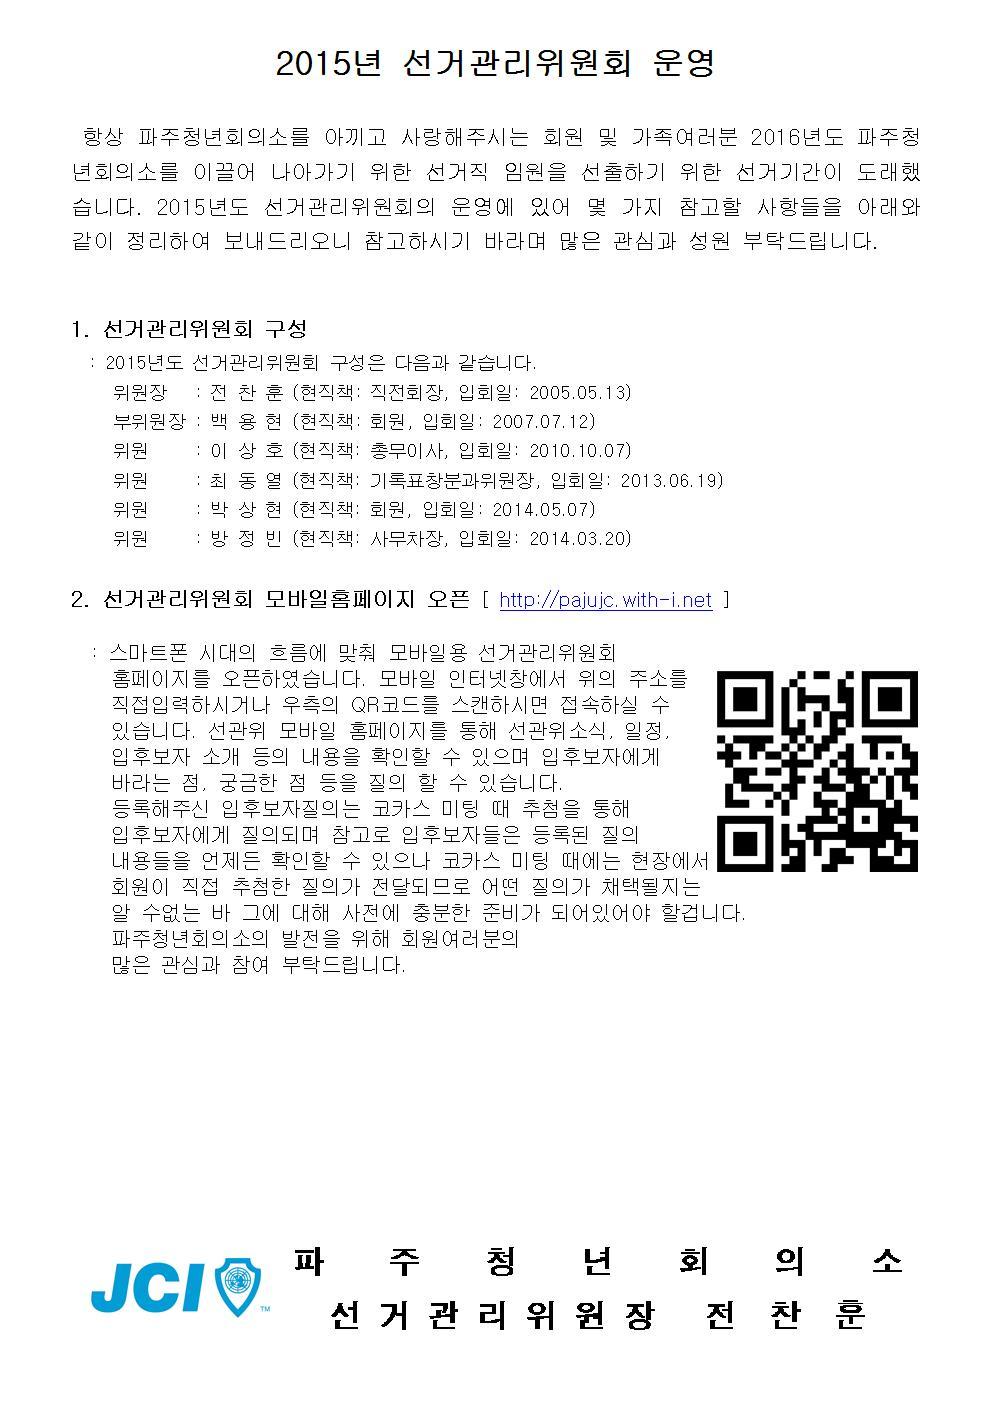 선관위운영2001.jpg